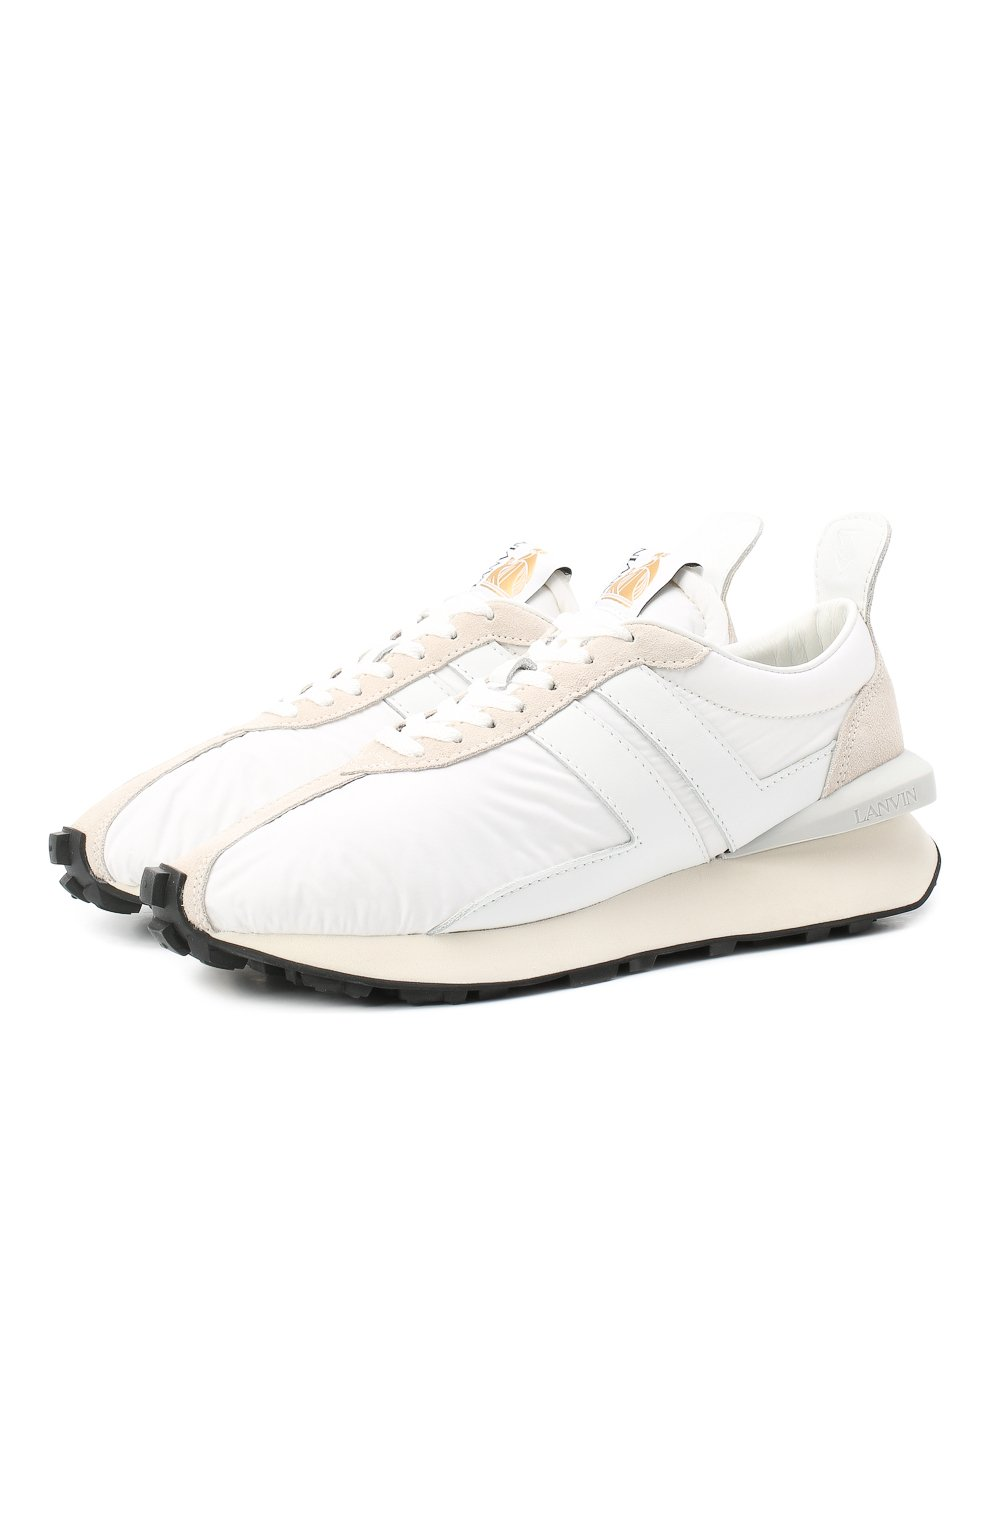 Мужские комбинированные кроссовки LANVIN белого цвета, арт. FM-SKBRUC-NYL0-A20 | Фото 1 (Материал внешний: Текстиль; Материал внутренний: Натуральная кожа, Текстиль; Стили: Гранж; Подошва: Массивная)